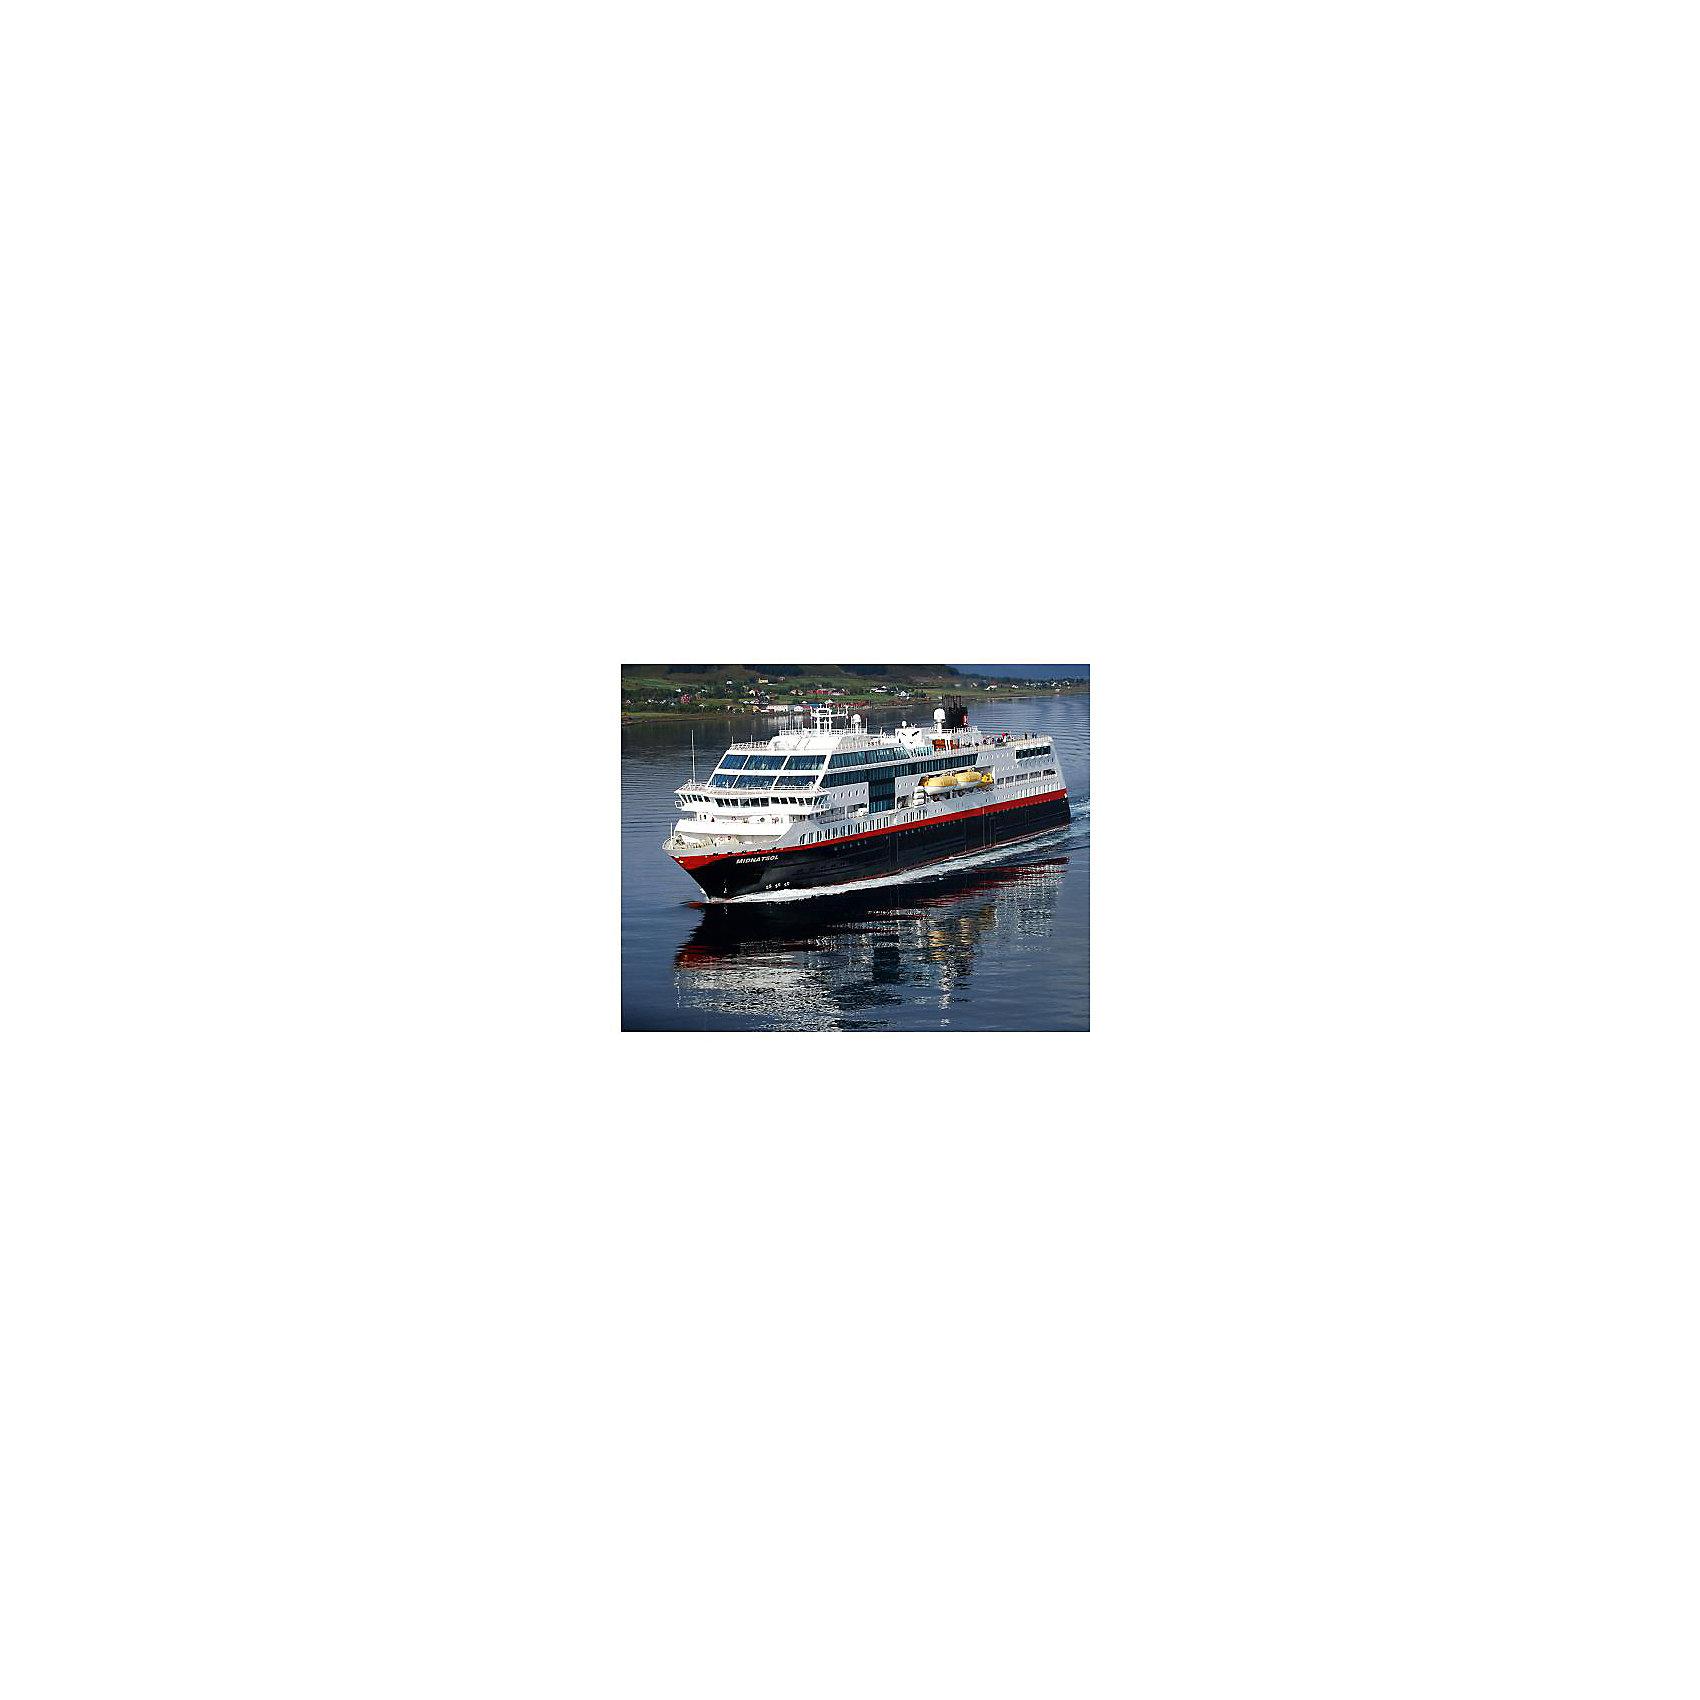 """Круизный лайнер Миднатсол (маршрут Хуртигрутен), норвежскийМодели для склеивания<br>Модель круизного судна """" Midnatsol"""". Корабль, плавающий под норвежским флагом, курсирует между городами Берген и Киркенес. Палубы лайнера способны вместить до 1000 пассажиров и 50 автомобилей. В любой момент судно может быть переделано в плавучий госпиталь, рассчитанный на 200 пациентов. <br>Масштаб: 1:1200 <br>Количество деталей: 42 <br>Длина модели: 113 мм <br>Уровень сложности: 3 <br>Клей и краски в комплект не входят.<br><br>Ширина мм: 9999<br>Глубина мм: 9999<br>Высота мм: 9999<br>Вес г: 9999<br>Возраст от месяцев: 120<br>Возраст до месяцев: 2147483647<br>Пол: Мужской<br>Возраст: Детский<br>SKU: 7122327"""